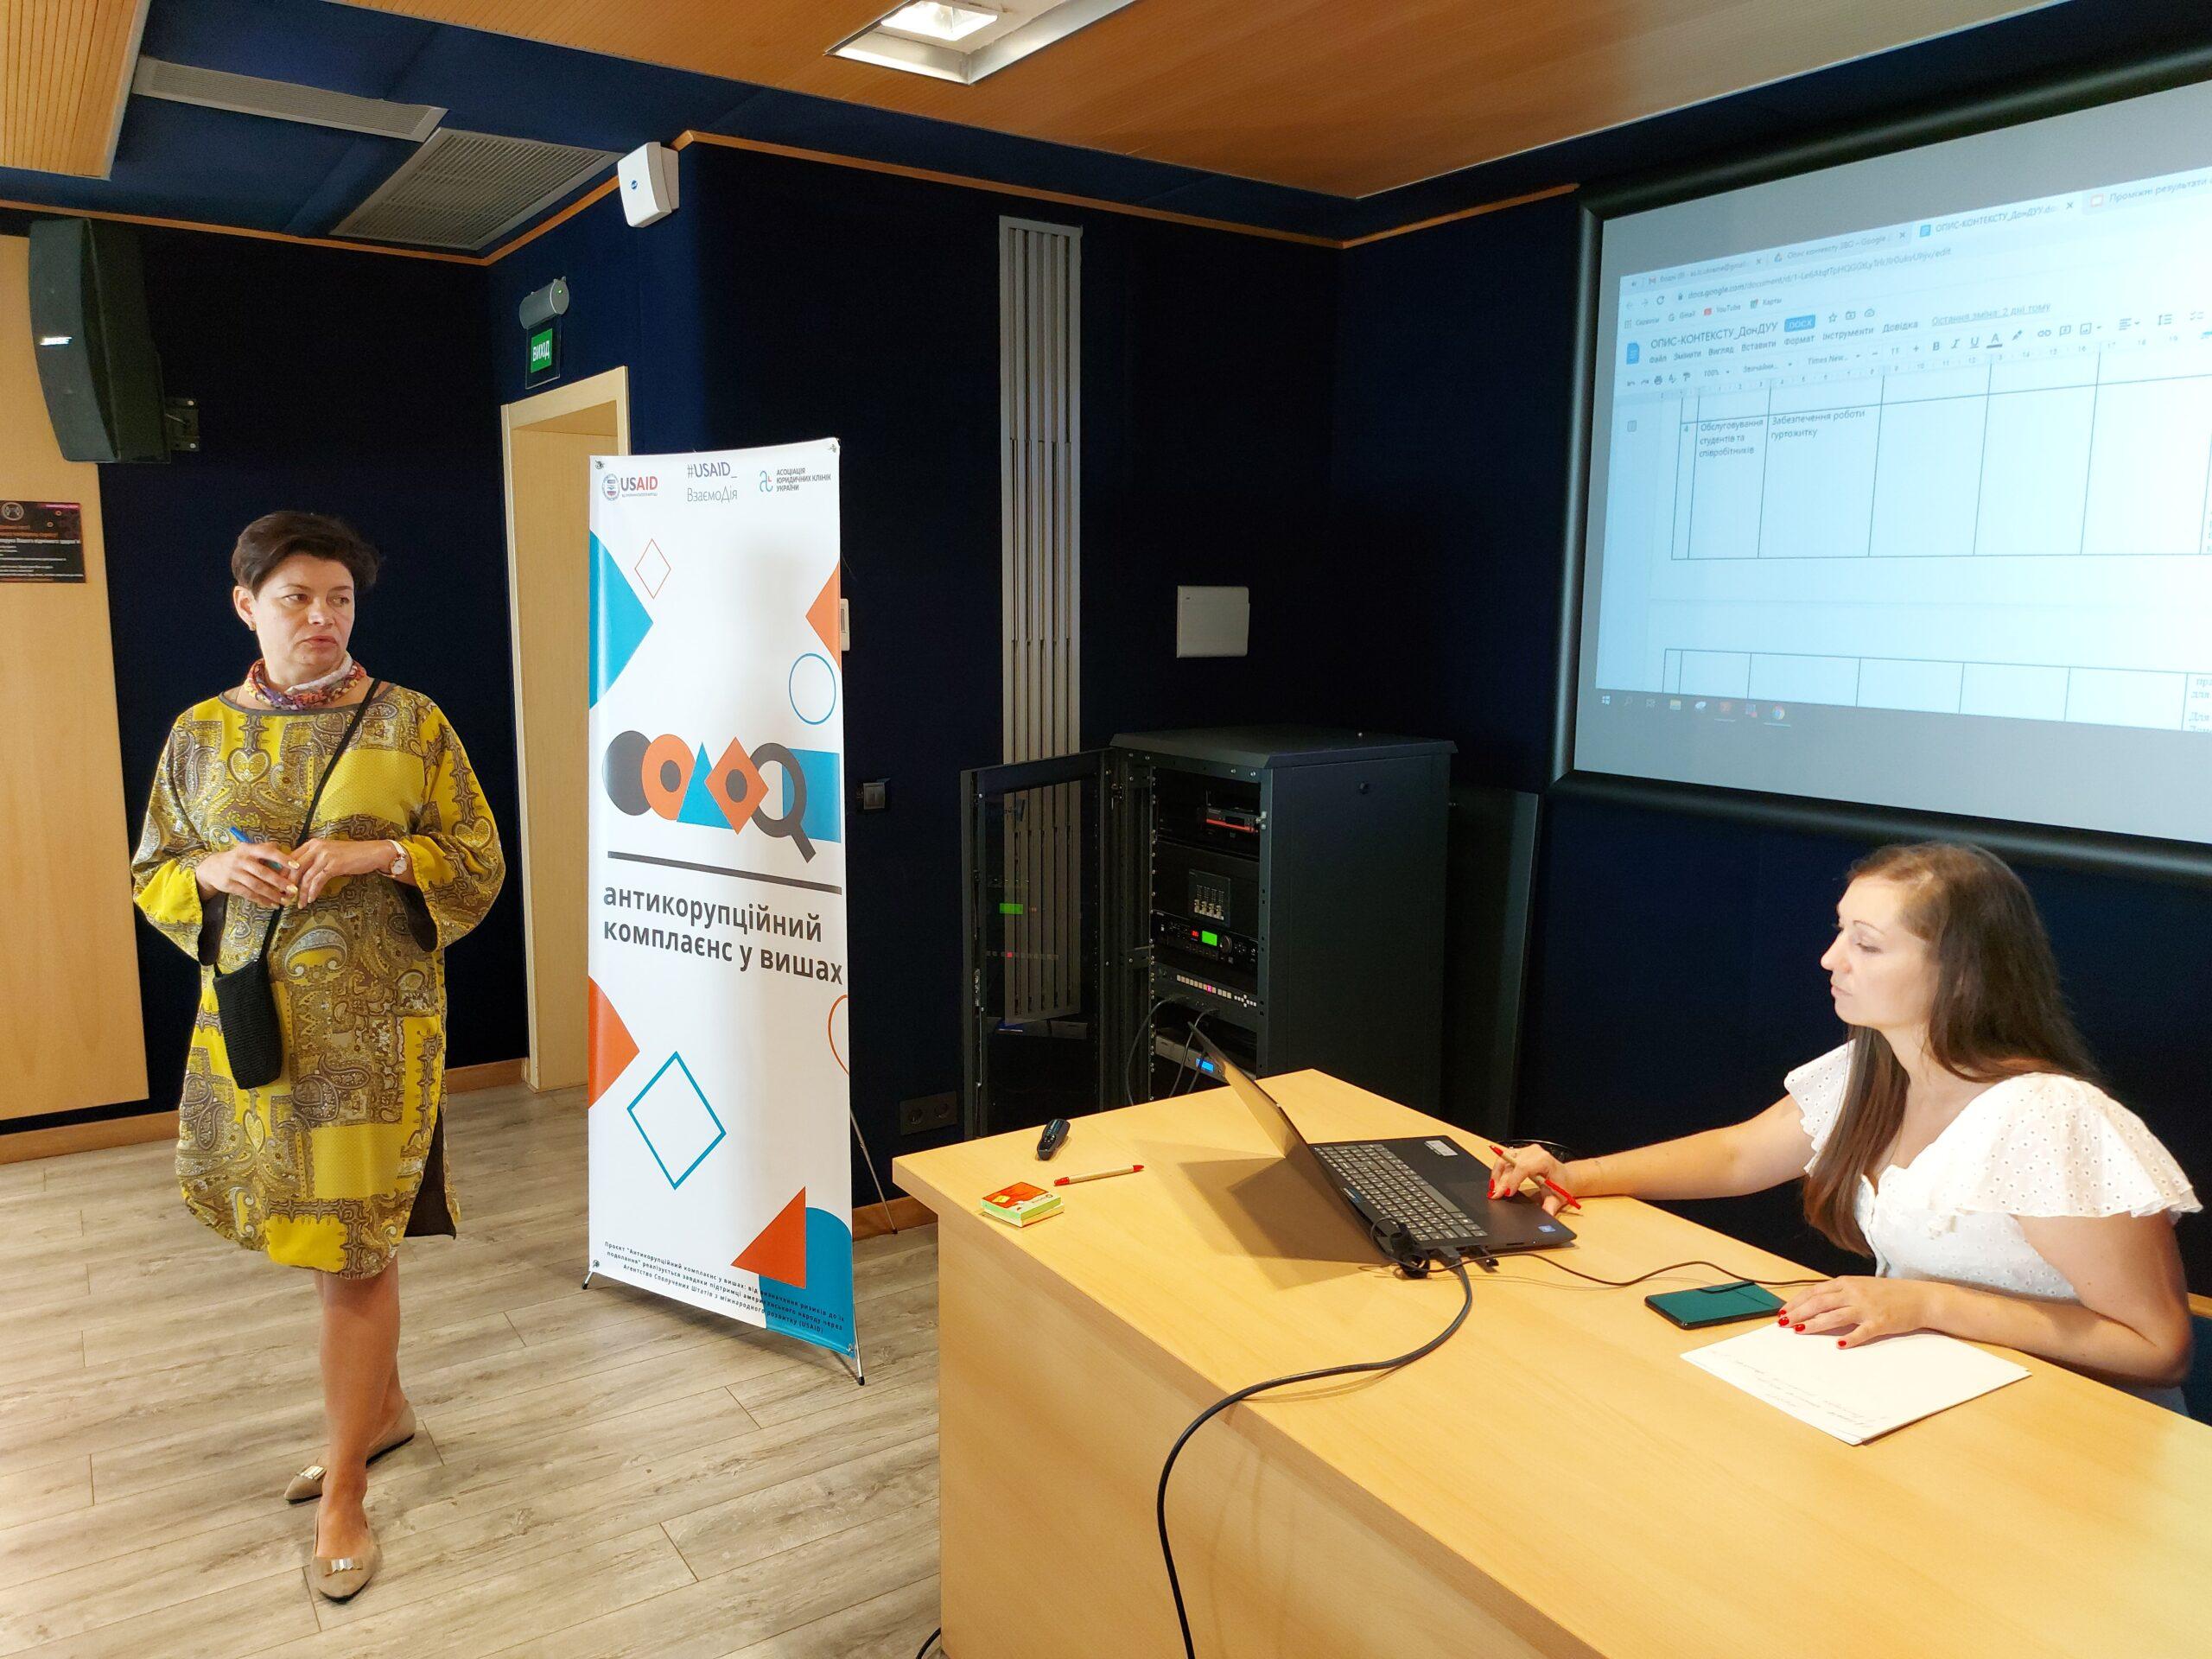 Антикорупційний проєкт набирає обертів: учасники фіналізували інструмент аналізу корупційних ризиків ЗВО